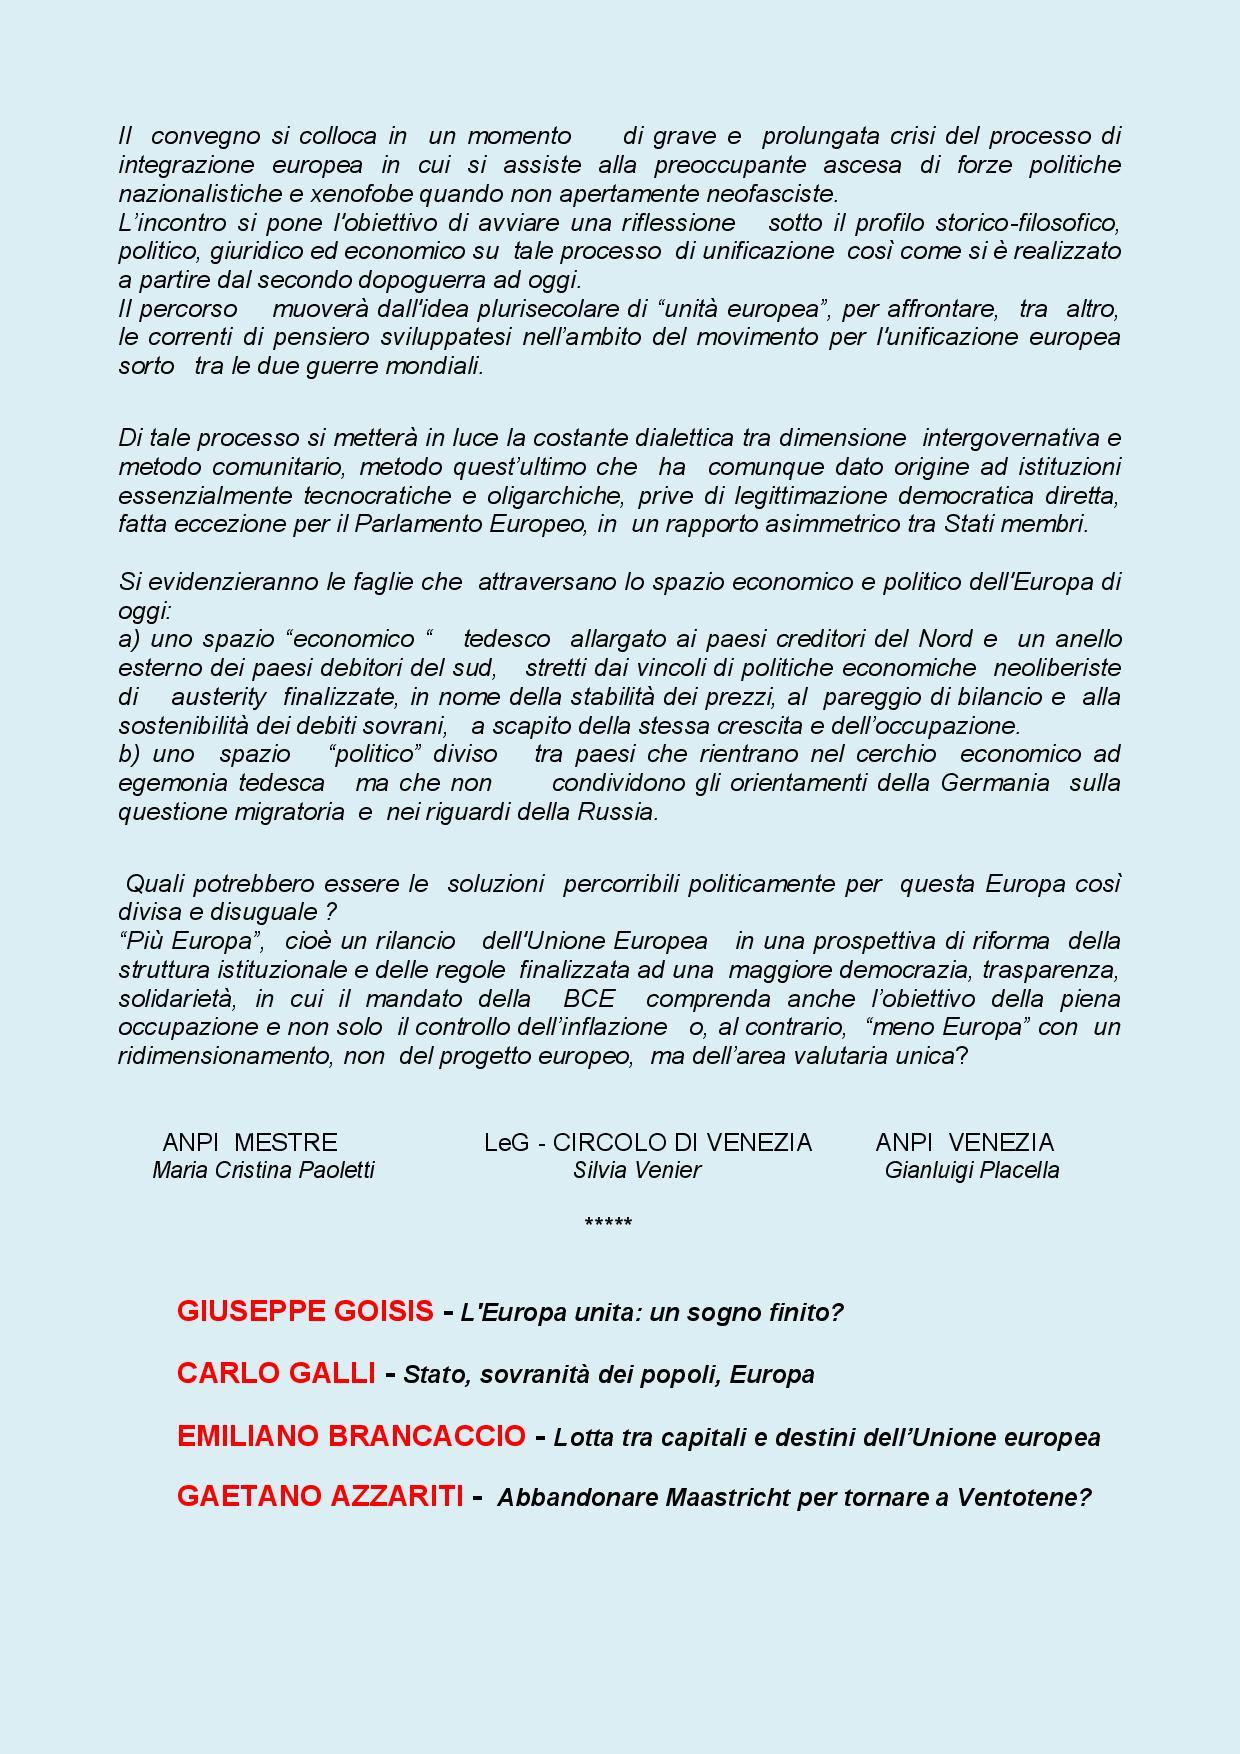 locandina UE 31 maggio 2018 fronte retro[6940]-page-002